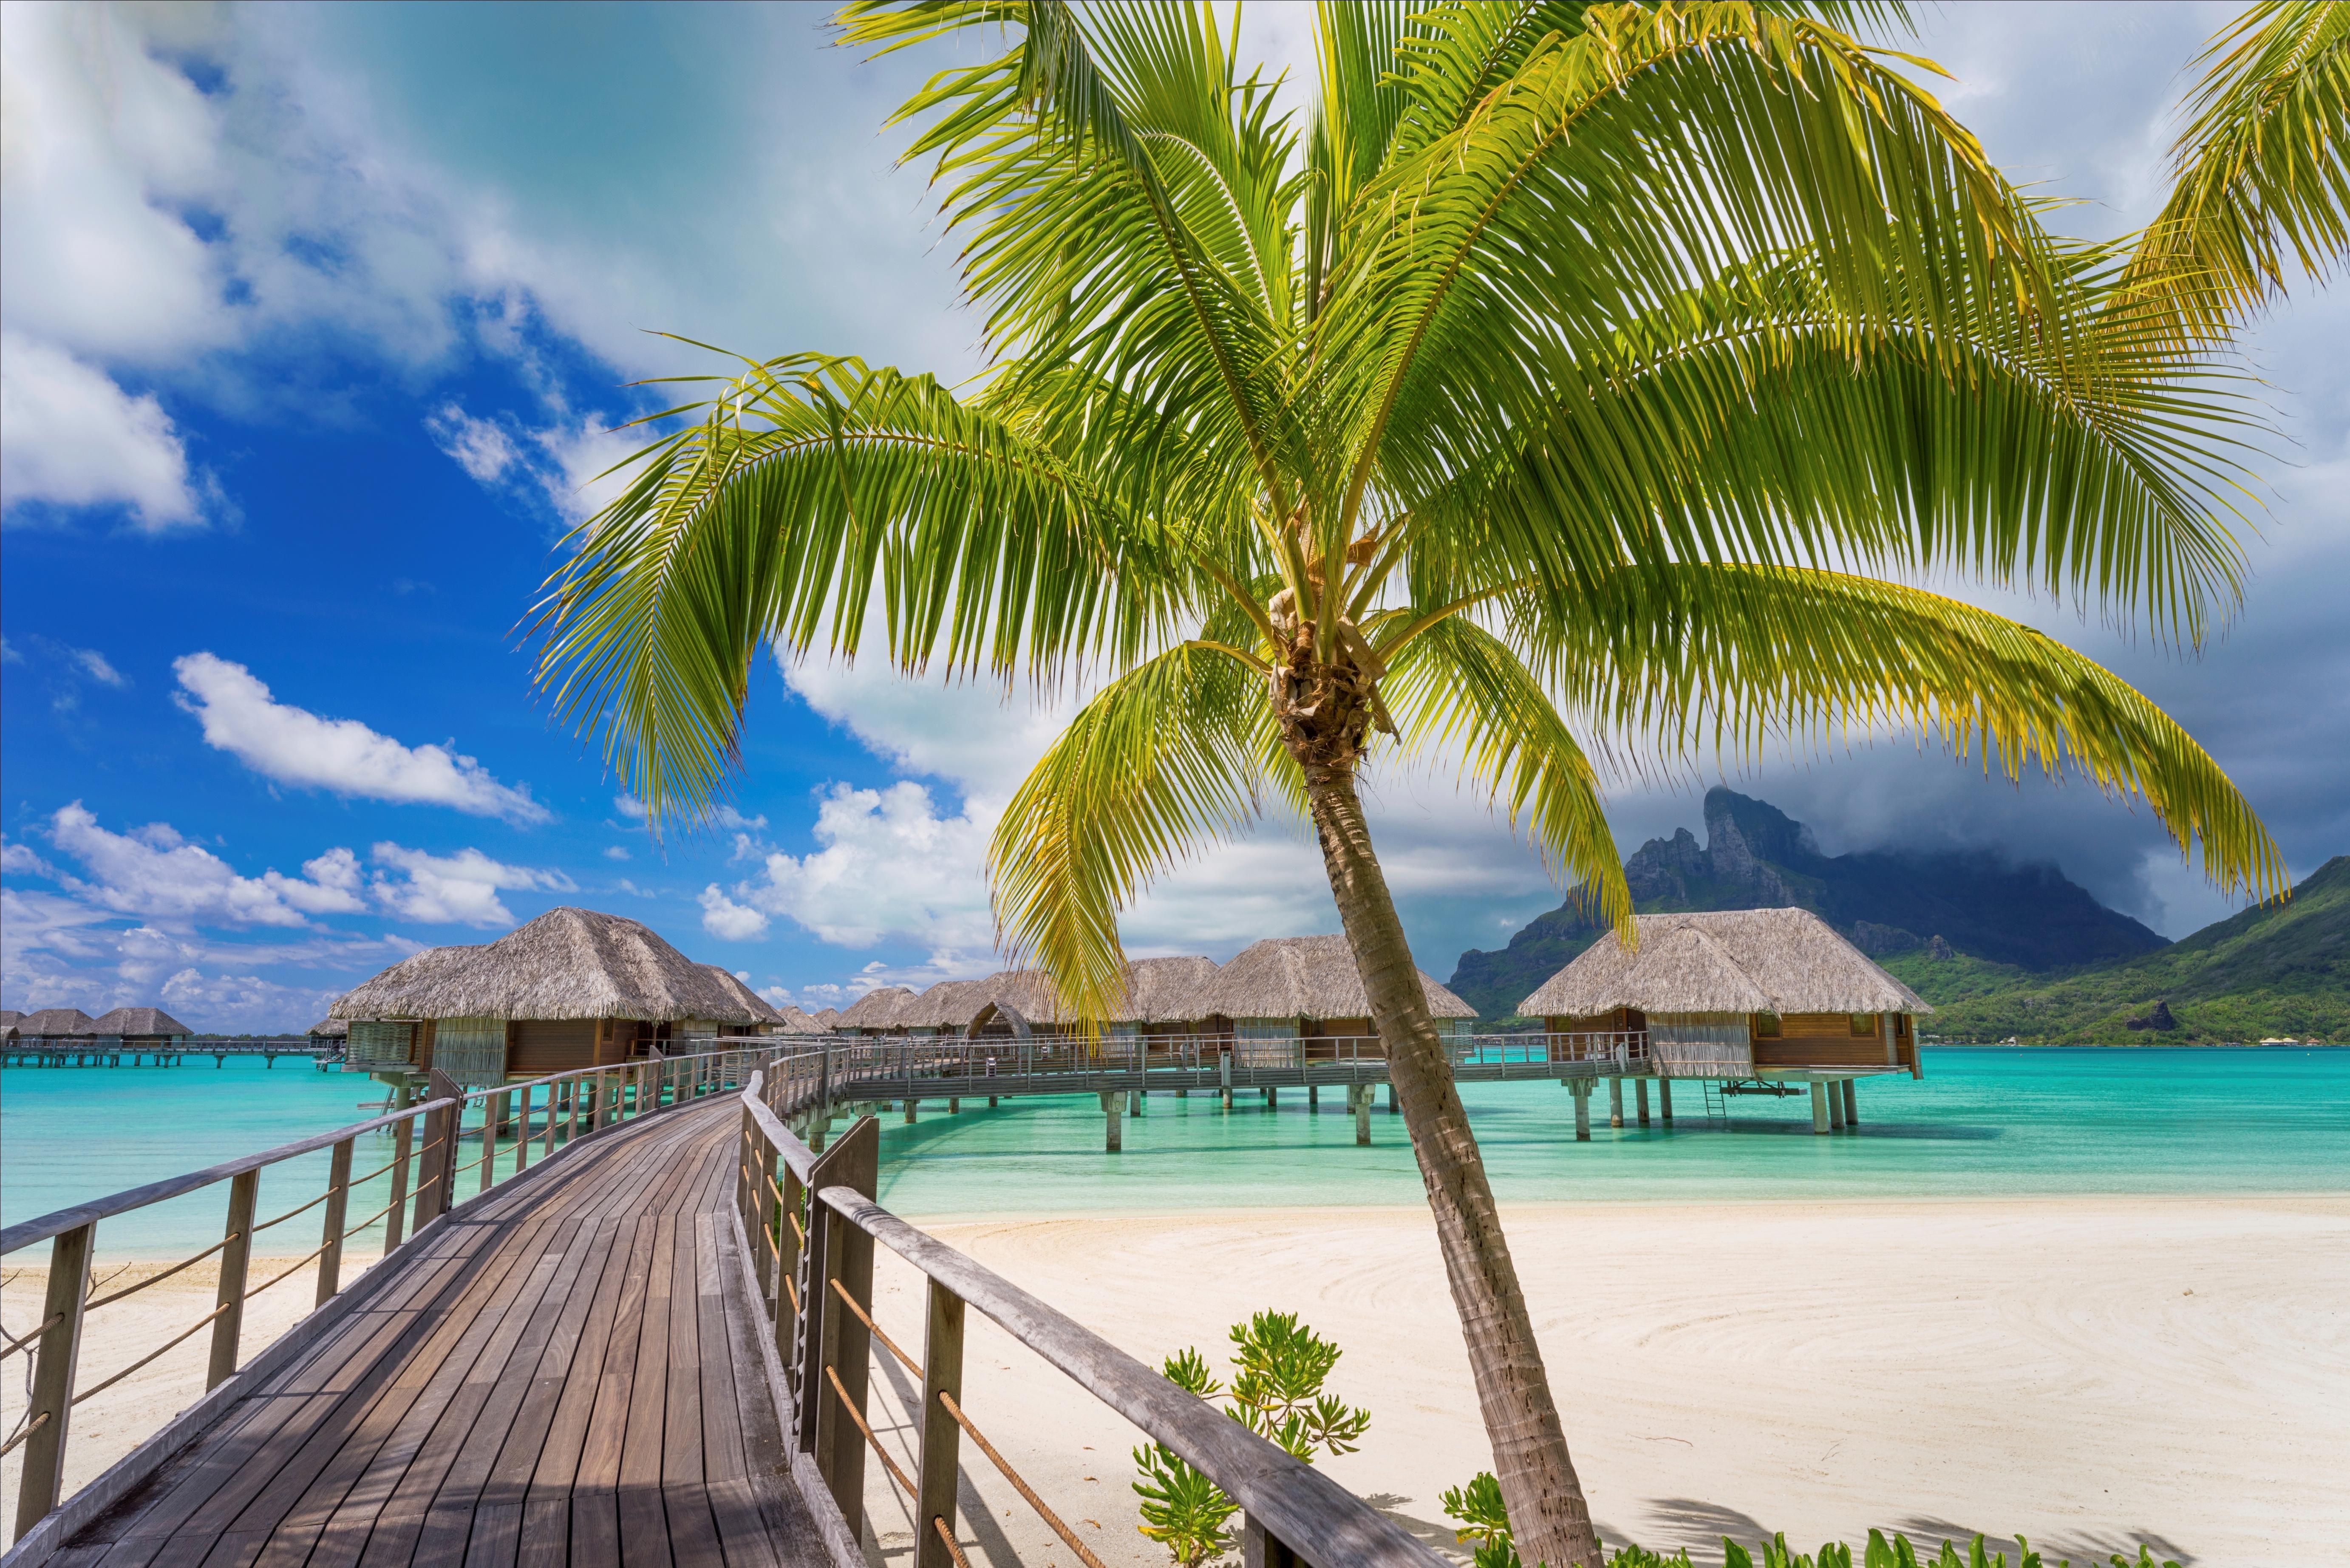 Картинка с пальмами и песком